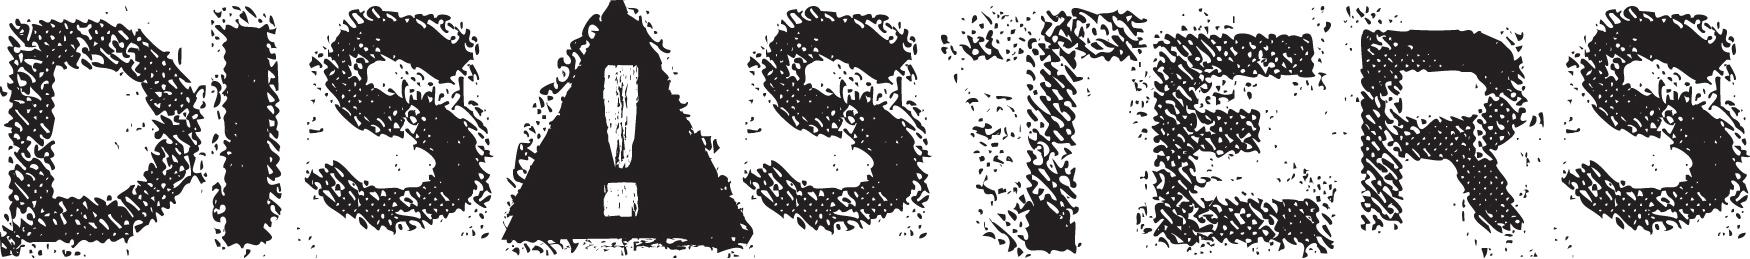 disasters-logo.jpg